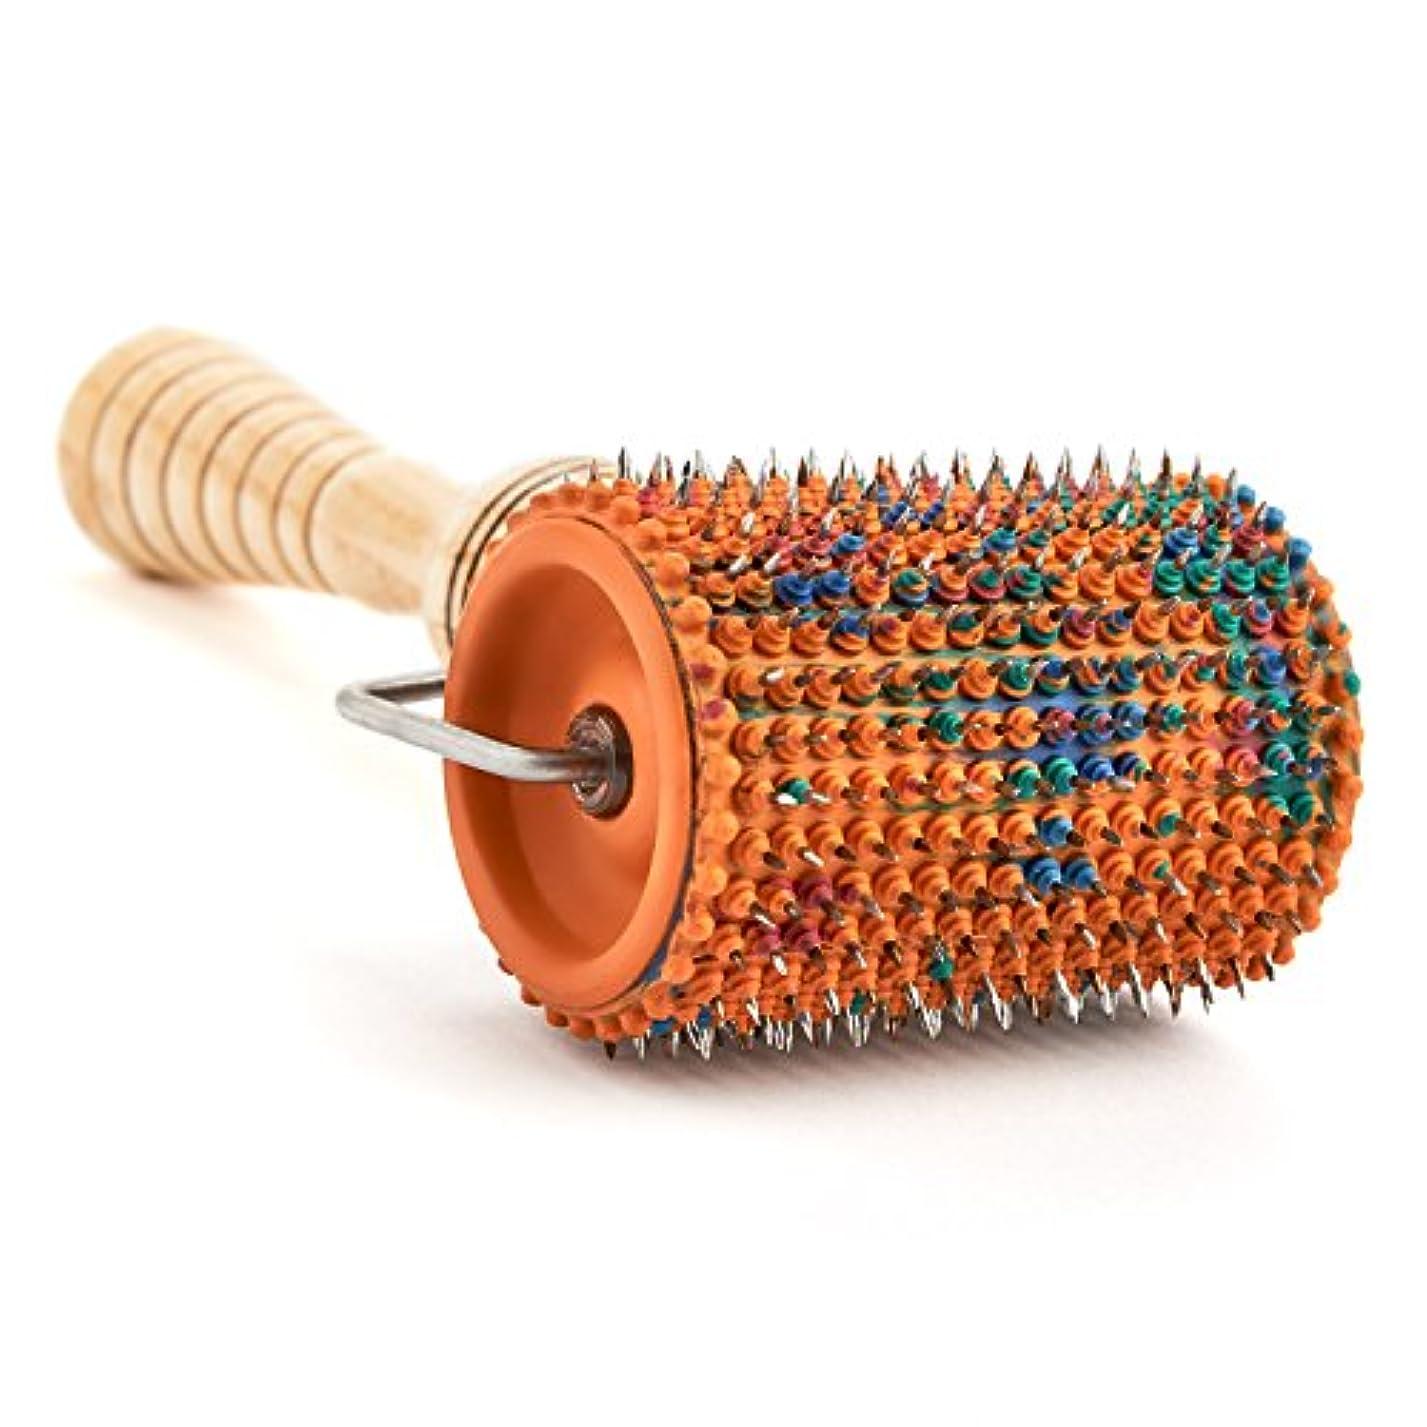 調和のとれた名目上の一緒にAcupuncture for Body Massage - Acupressure Applicator Lyapko Roller UNIVERSAL-M (with rubber bushings) by Lyapko